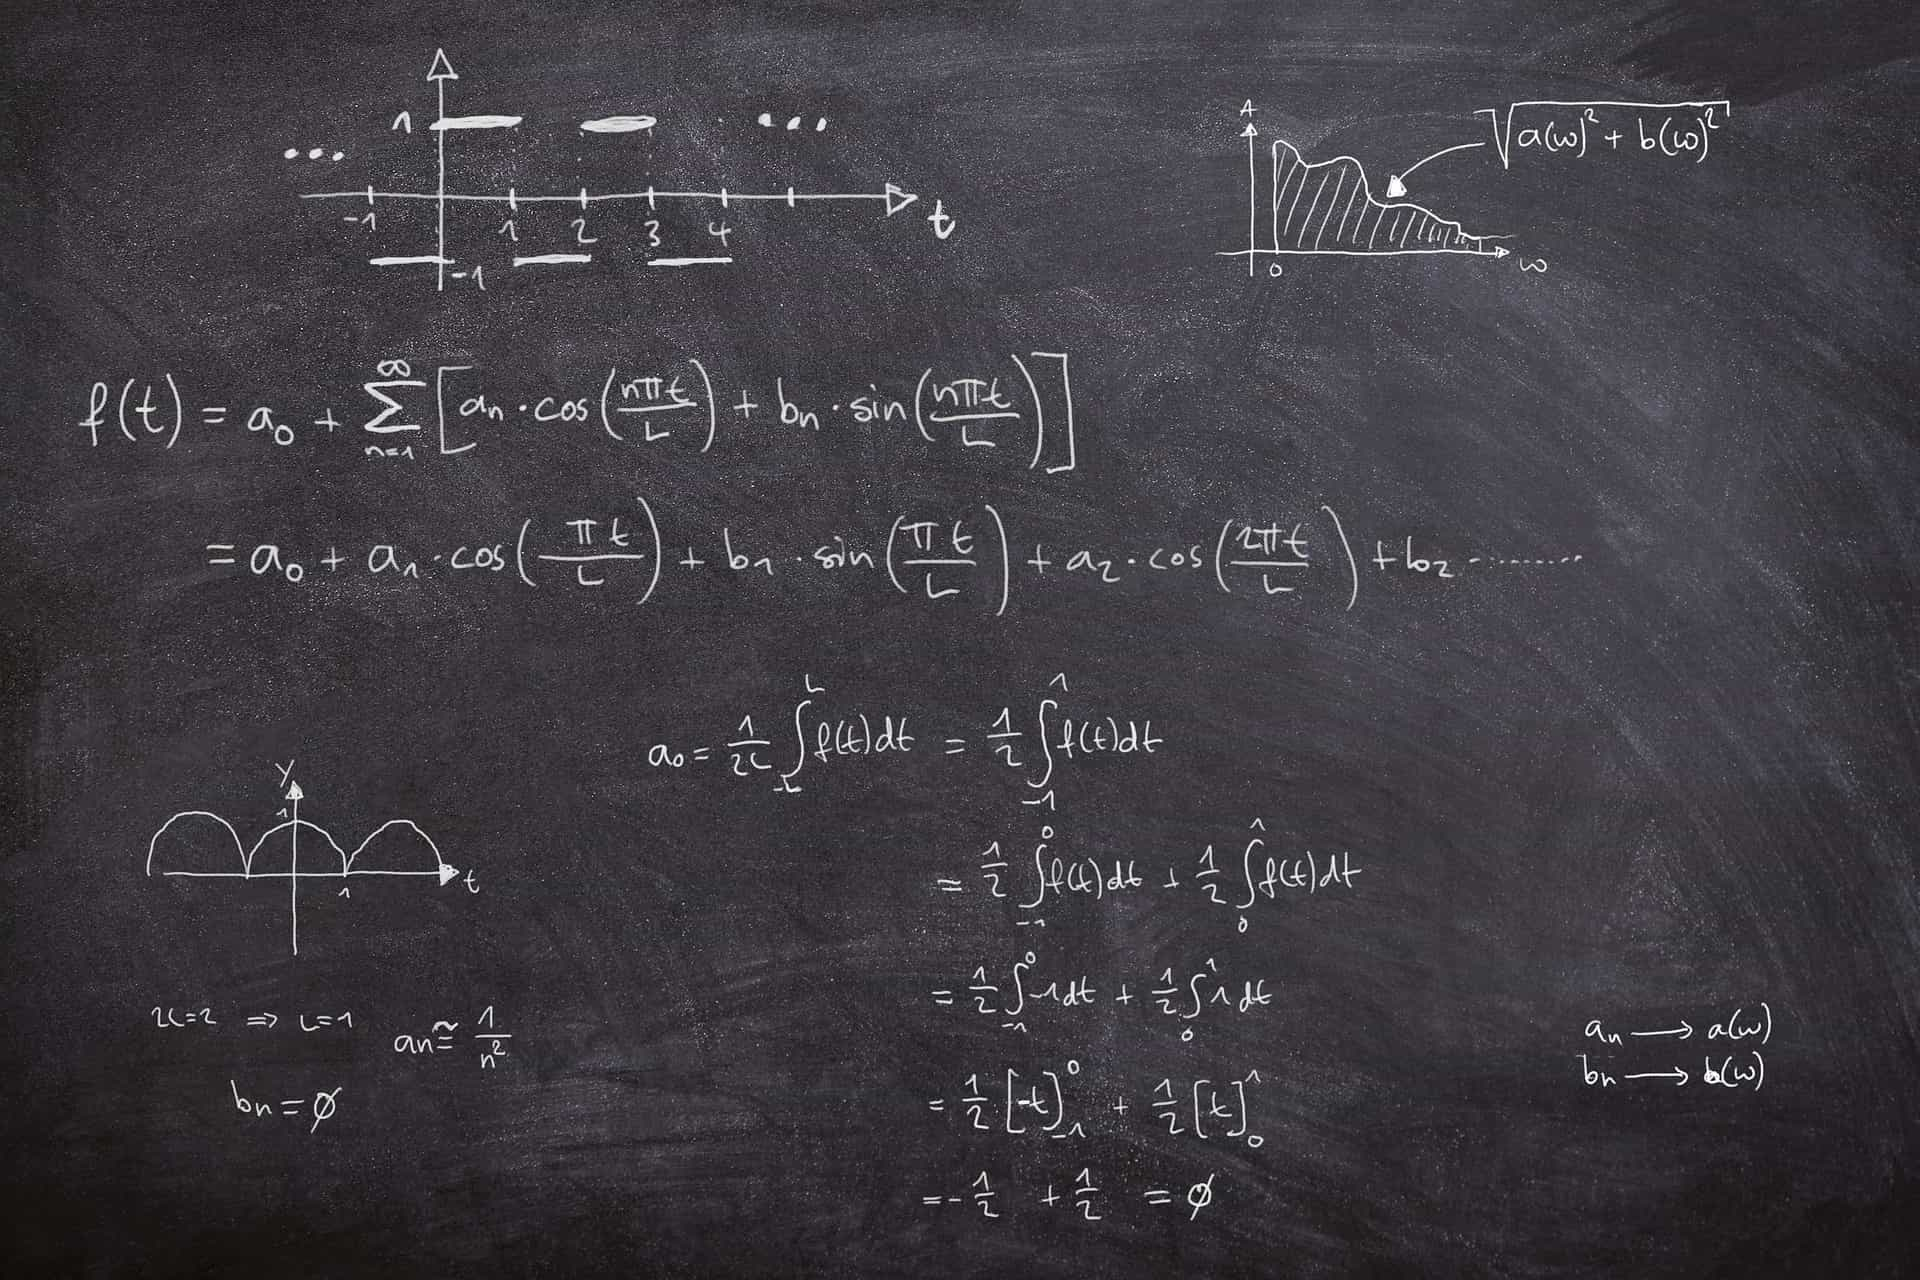 Glaubenssätze - Ich kann kein Mathematik!